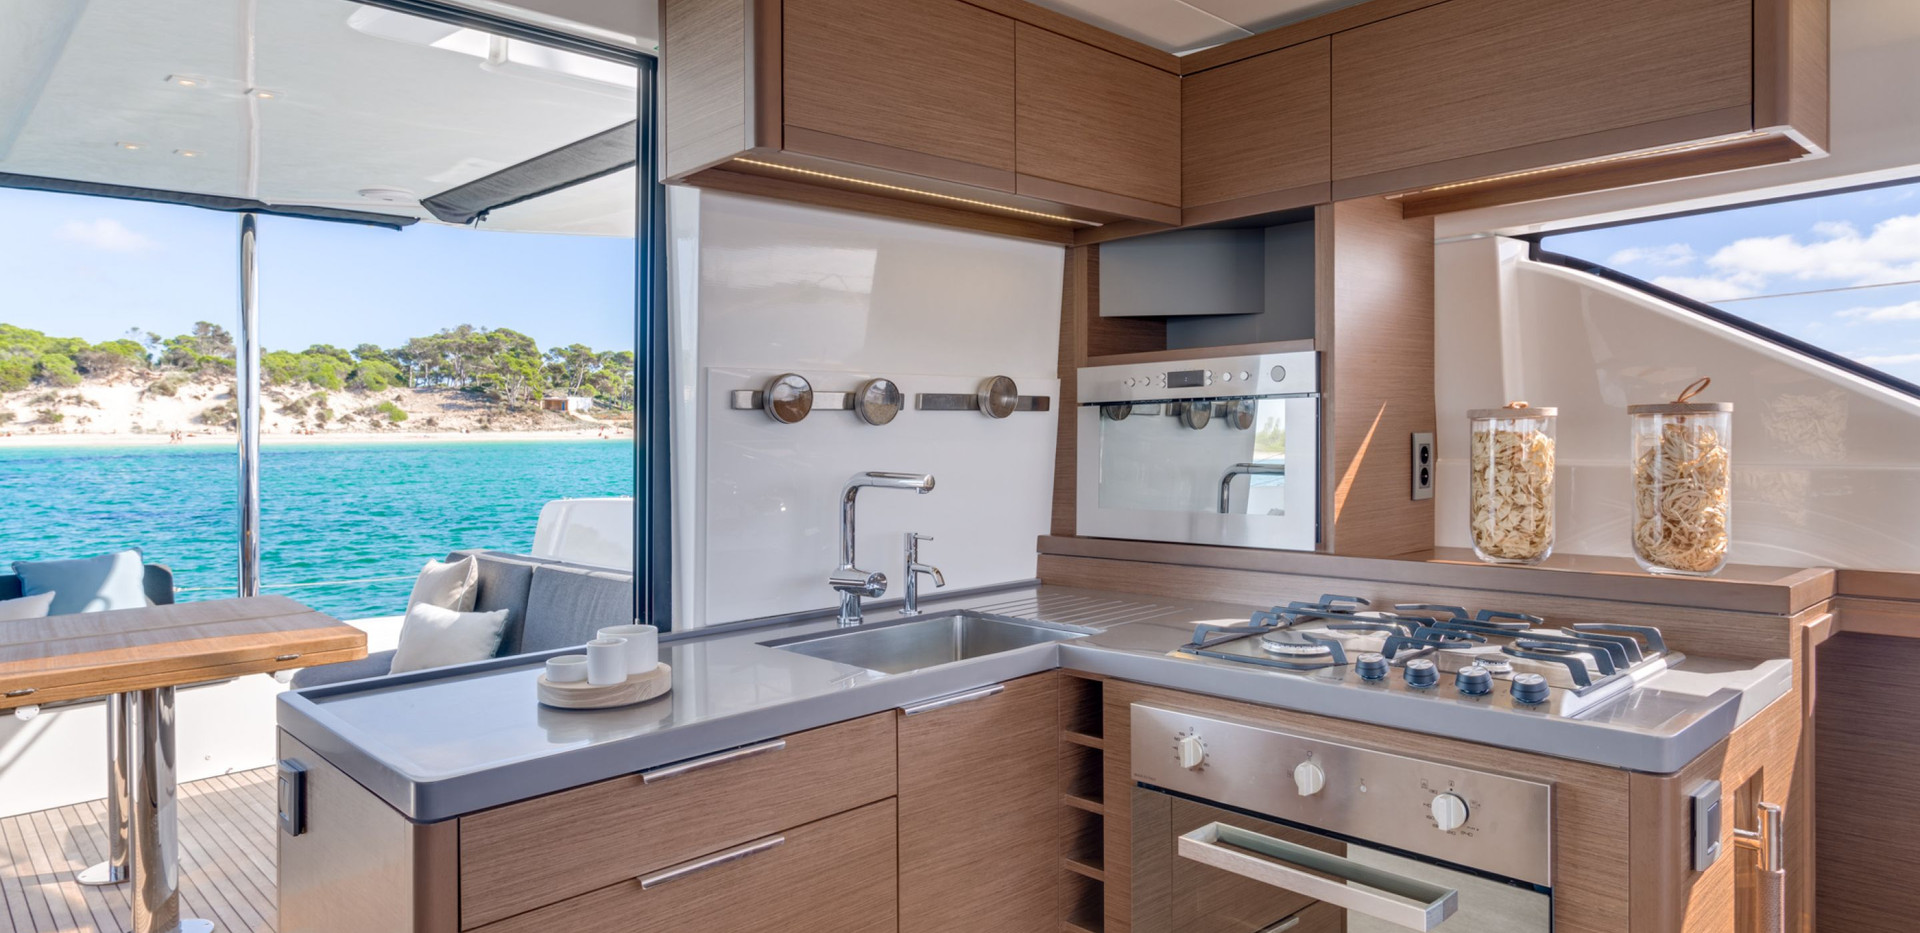 lagoon-50 kitchen.jpg